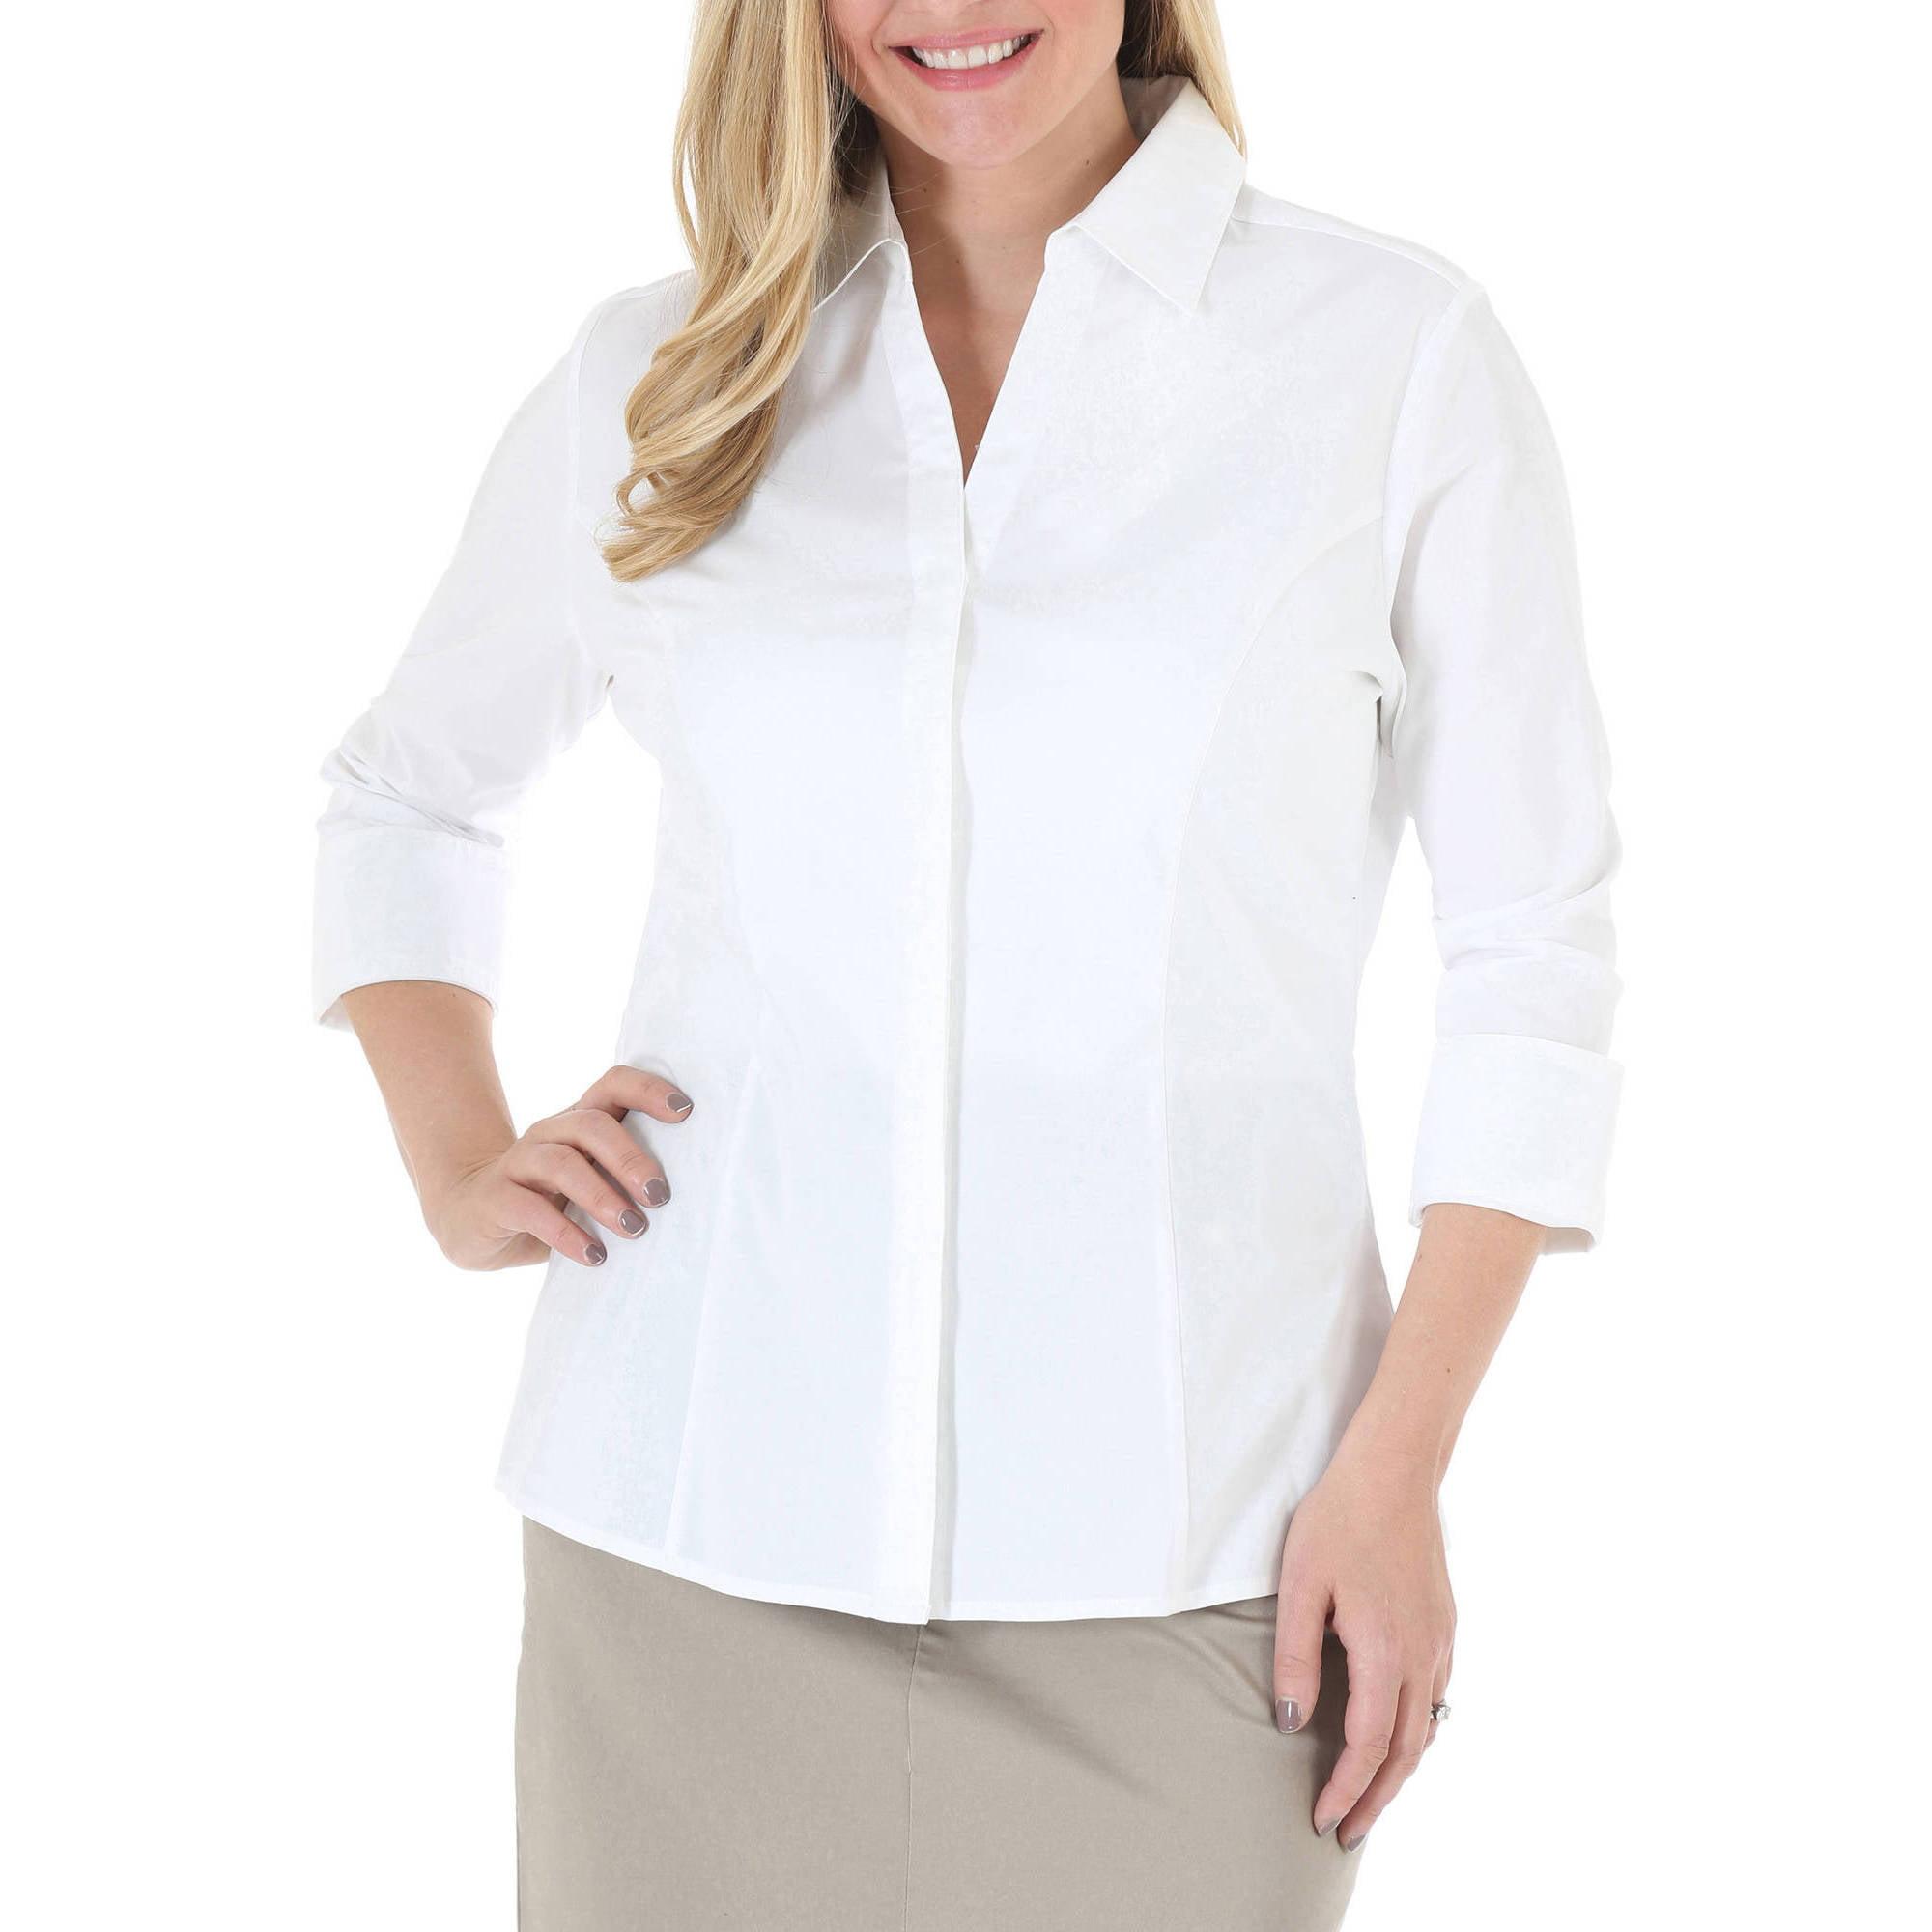 Women's Office Wear - Walmart.com